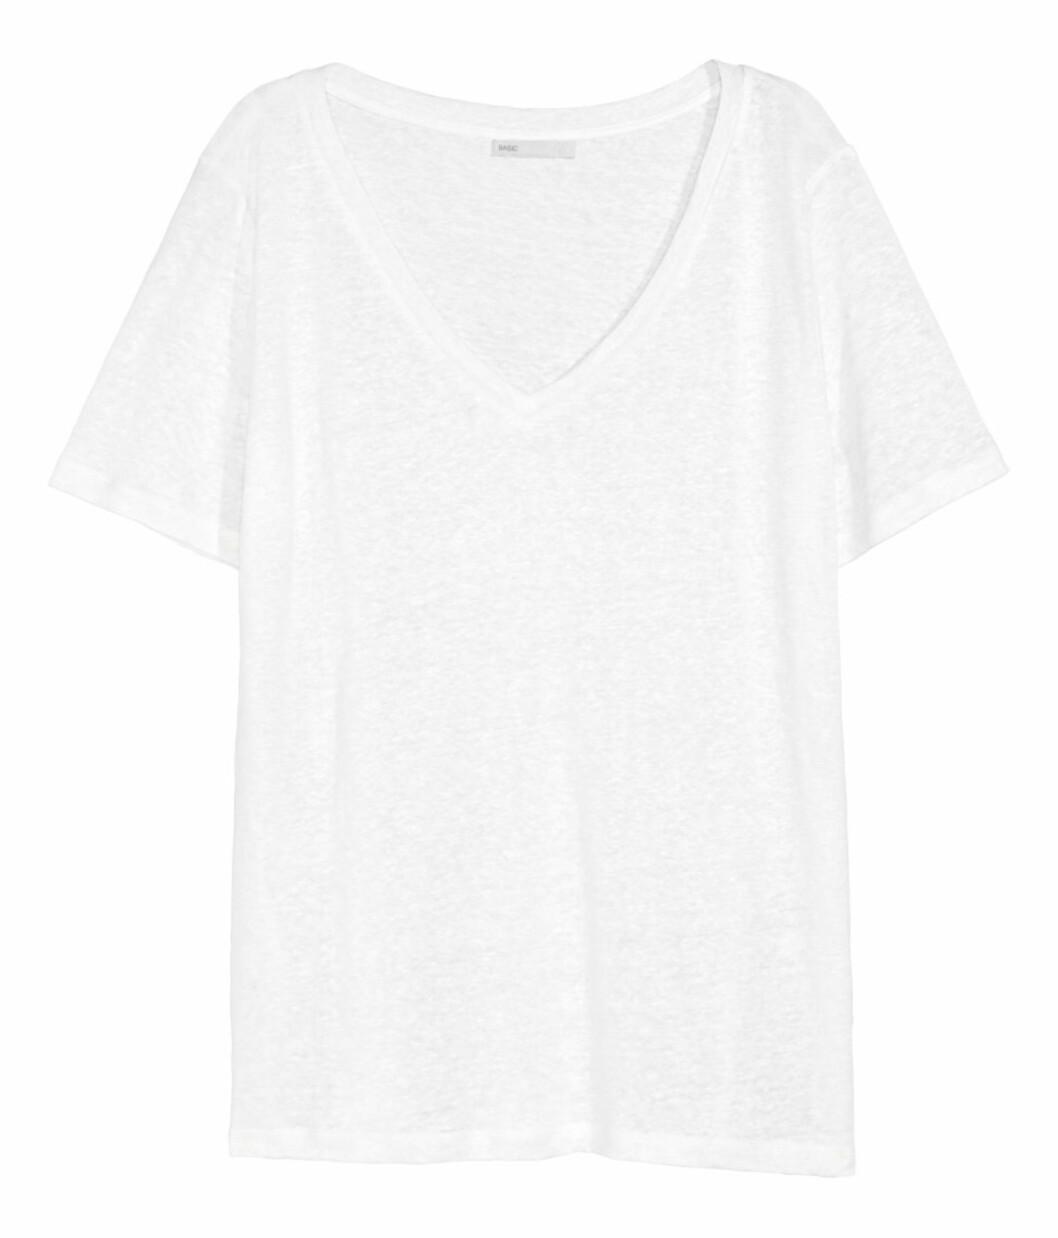 T-skjorte fra H&M, kr 149. Foto: Produsenten